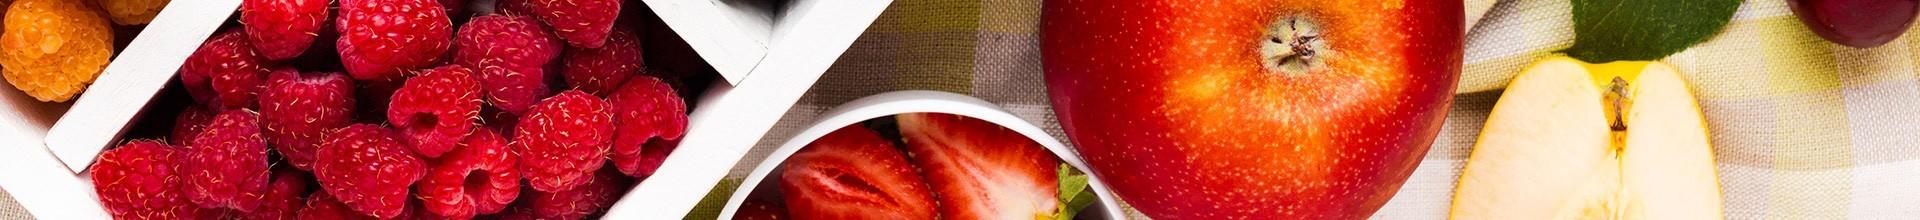 Fruit direct producteur local Toulouse, fruit bio pas cher - Le Cageot Toulousain